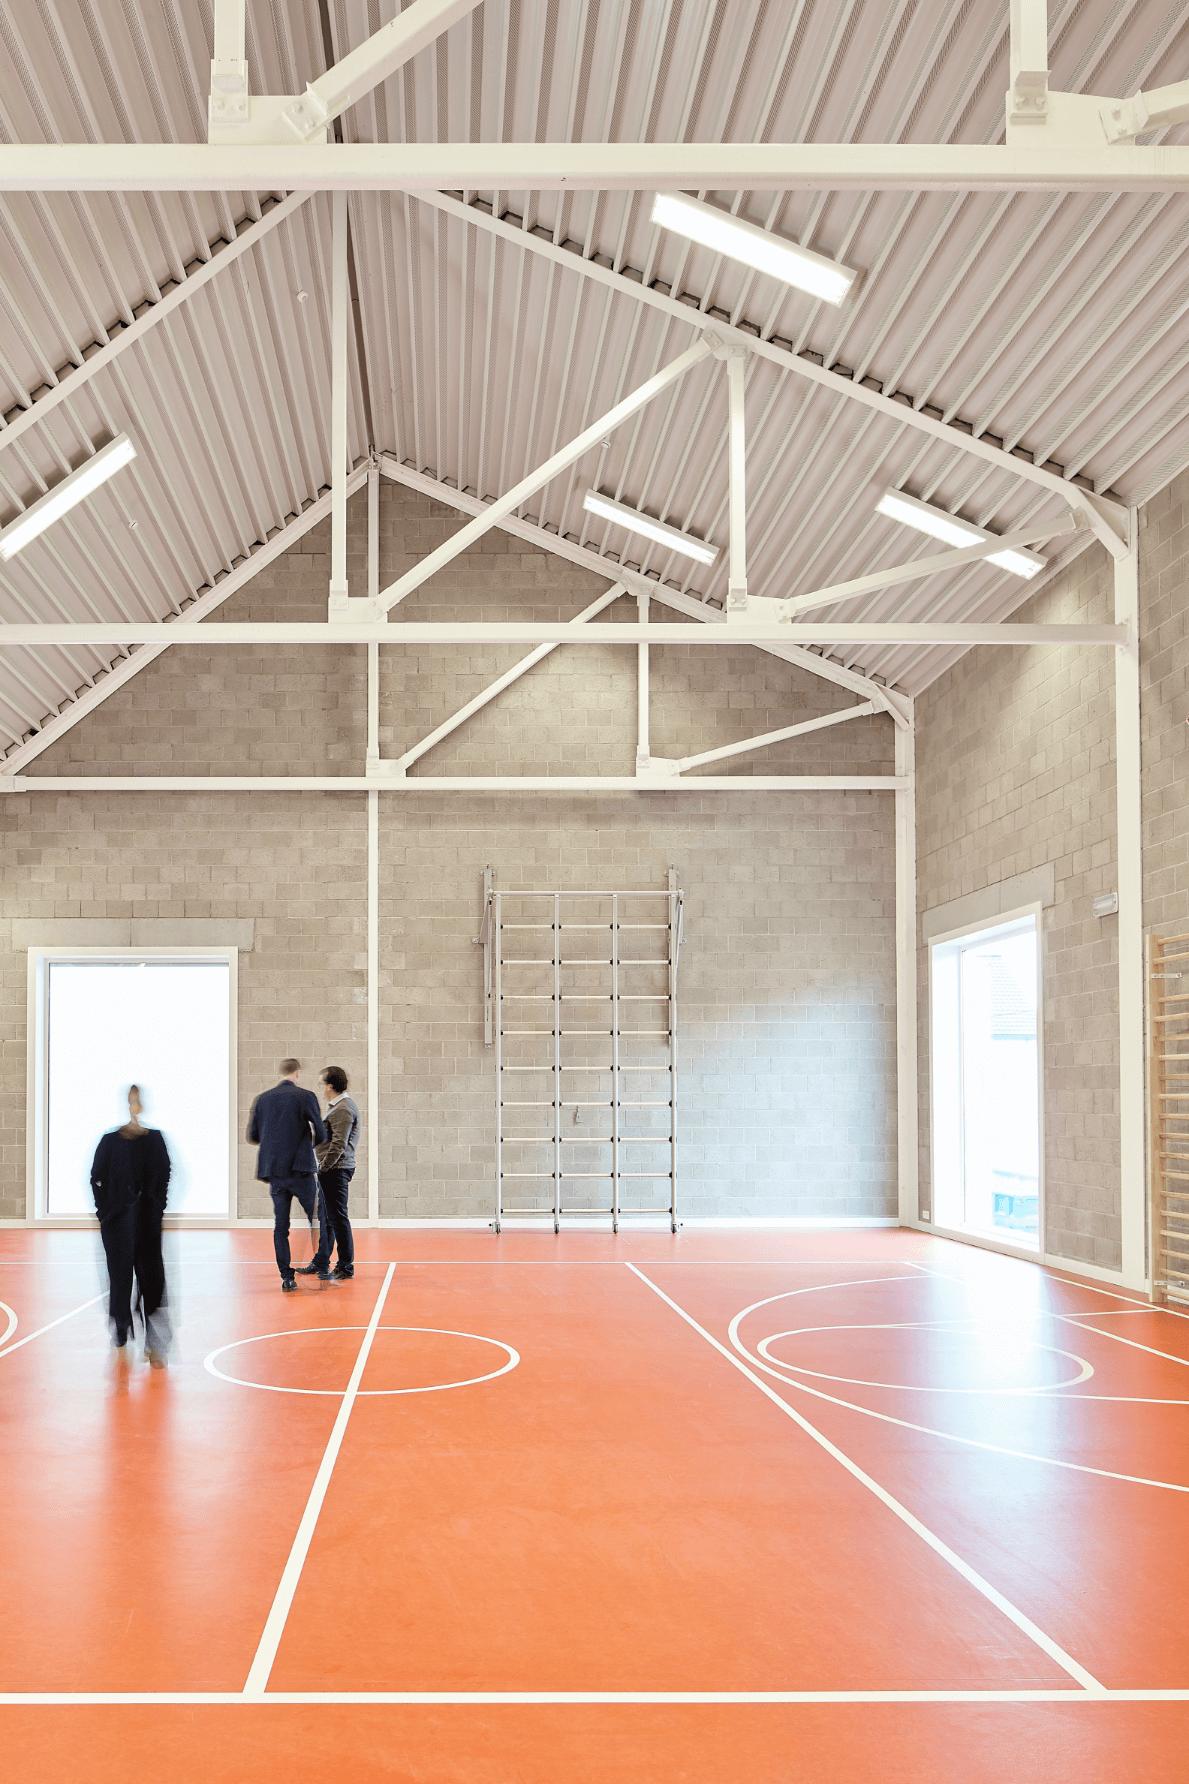 Basisschool De Knipoog: Sportveld